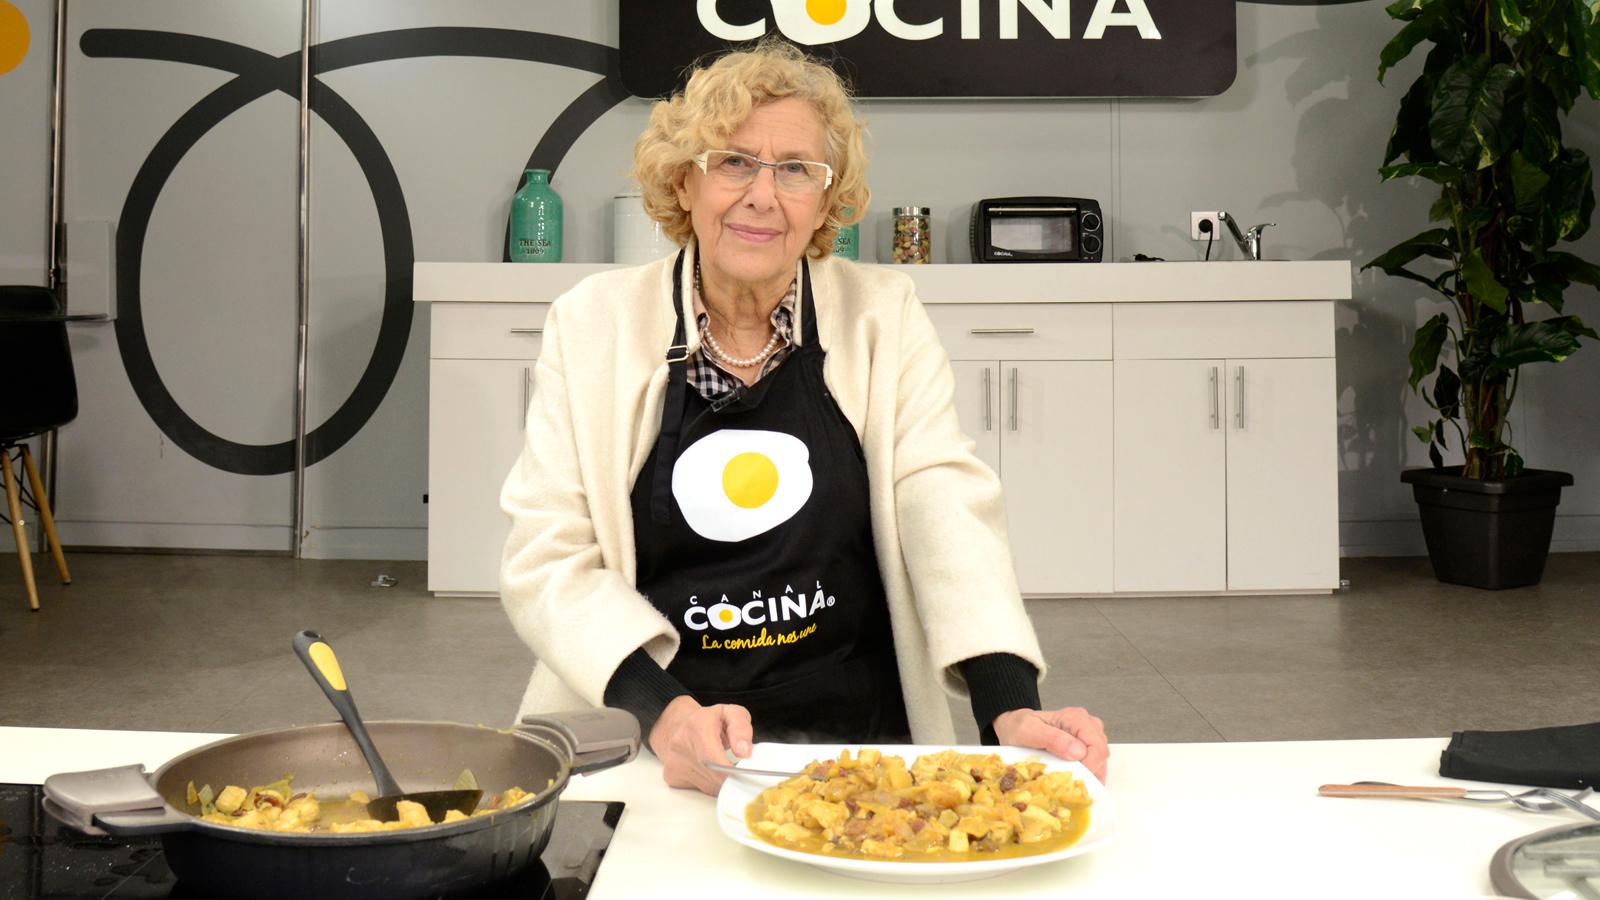 Pollo al curry bego a tormo receta canal cocina for Canal cocina cocina de familia